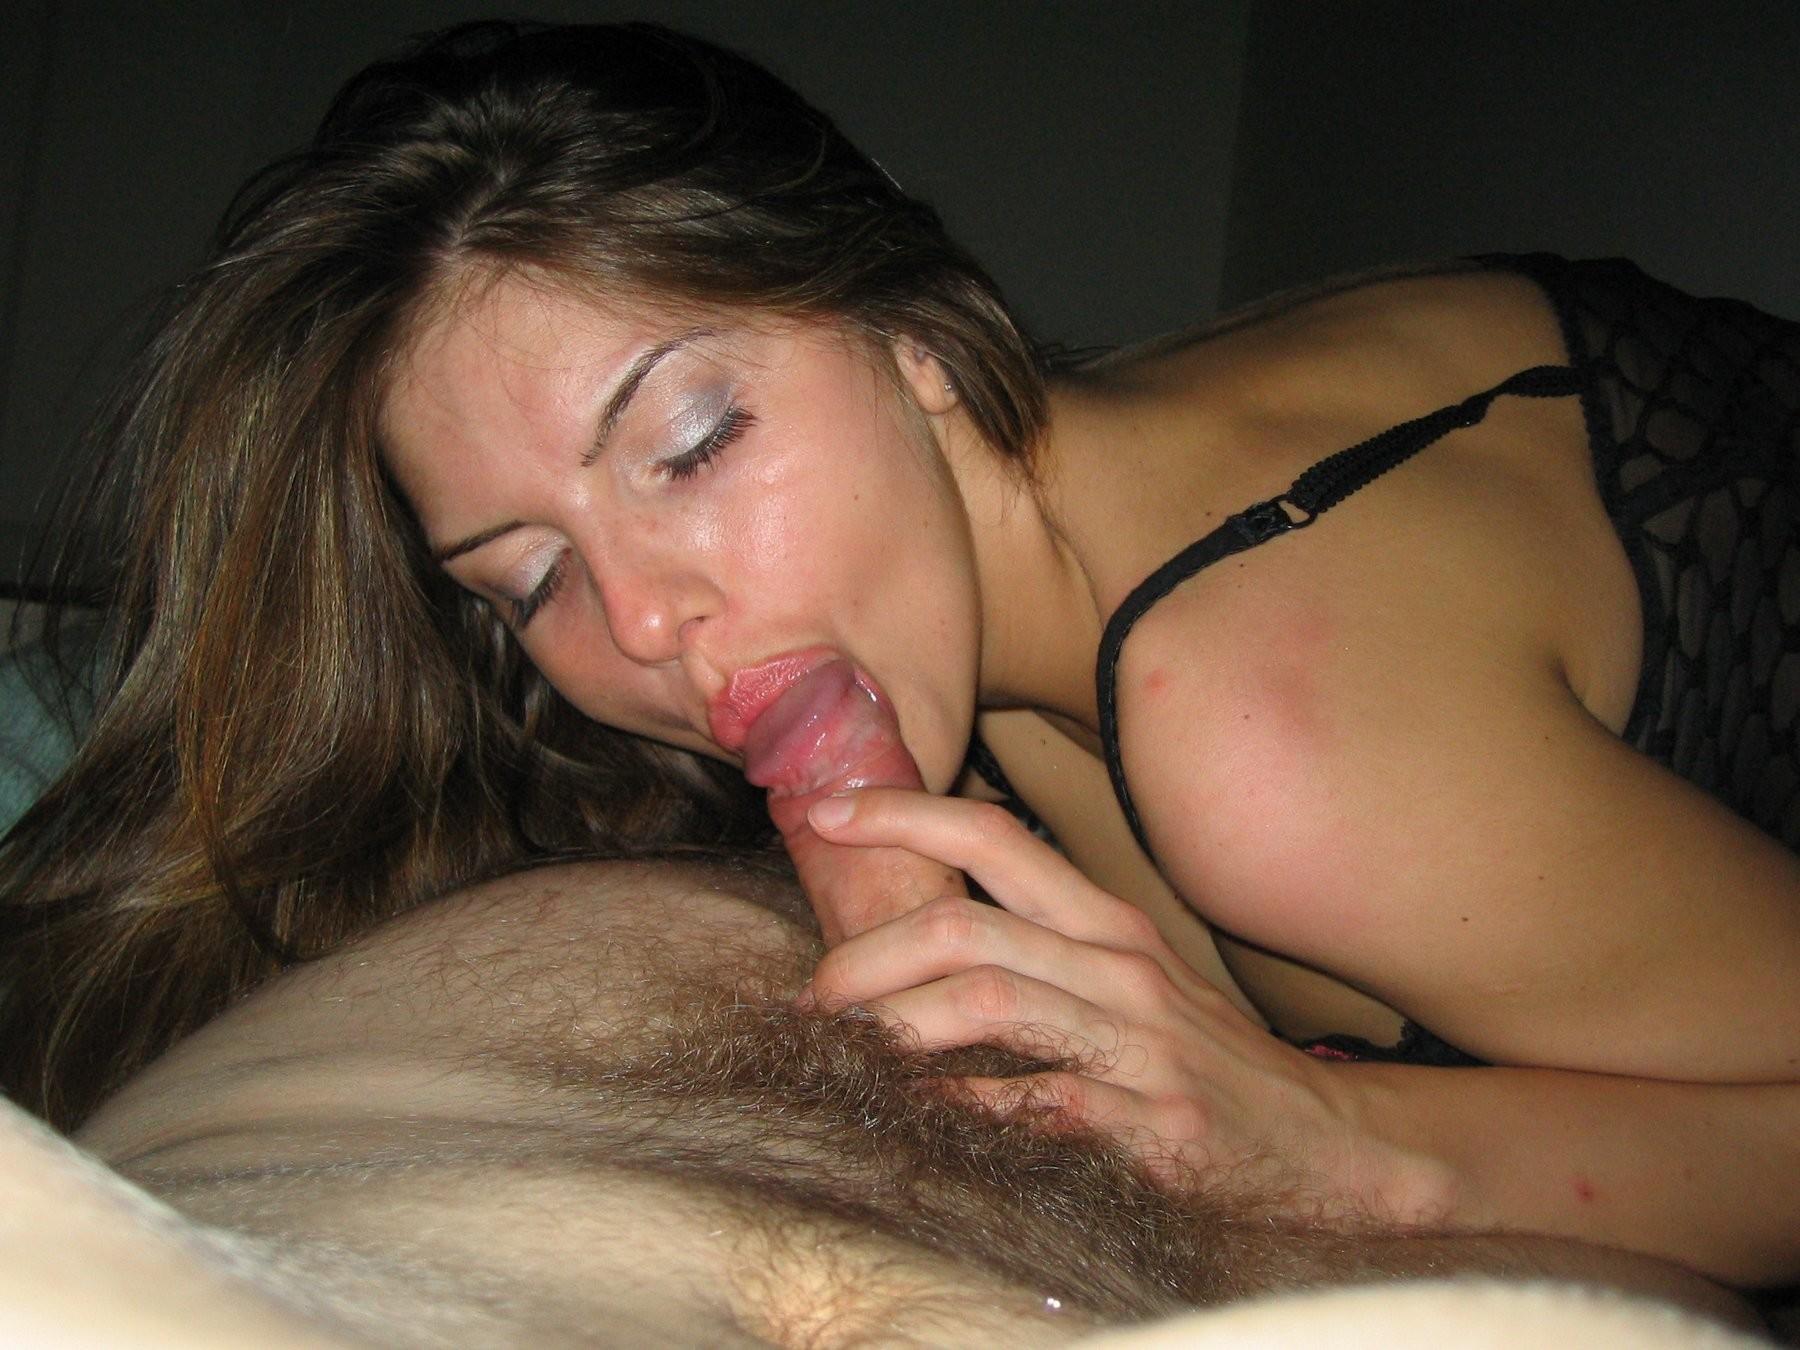 Позируя возбуждает друга перед сексом